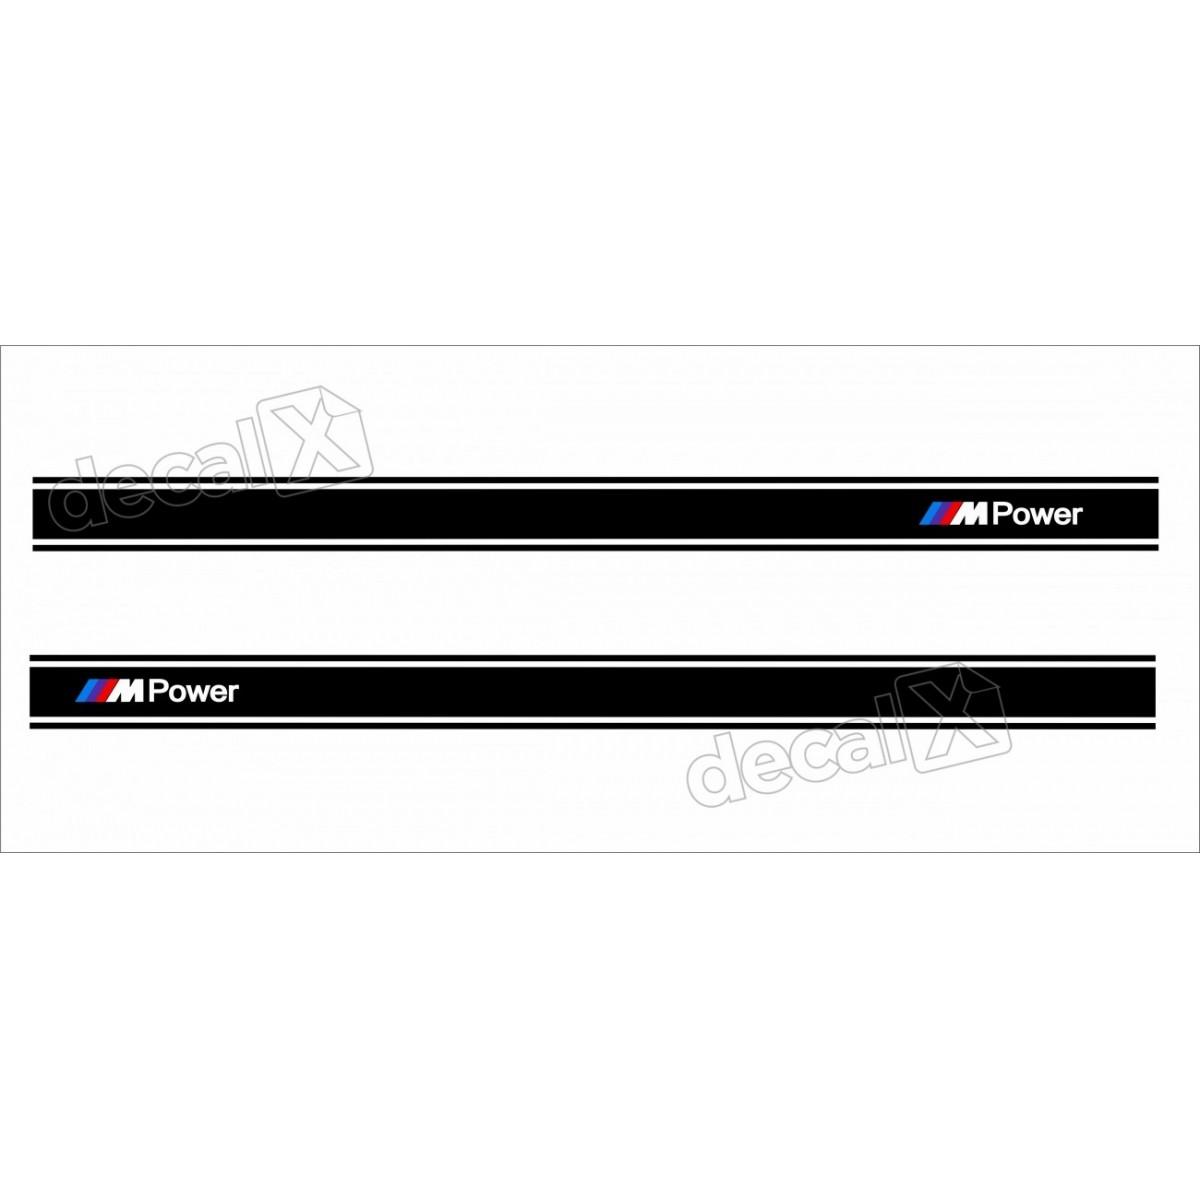 Adesivo Bmw Faixa Lateral Serie 3 Bw11